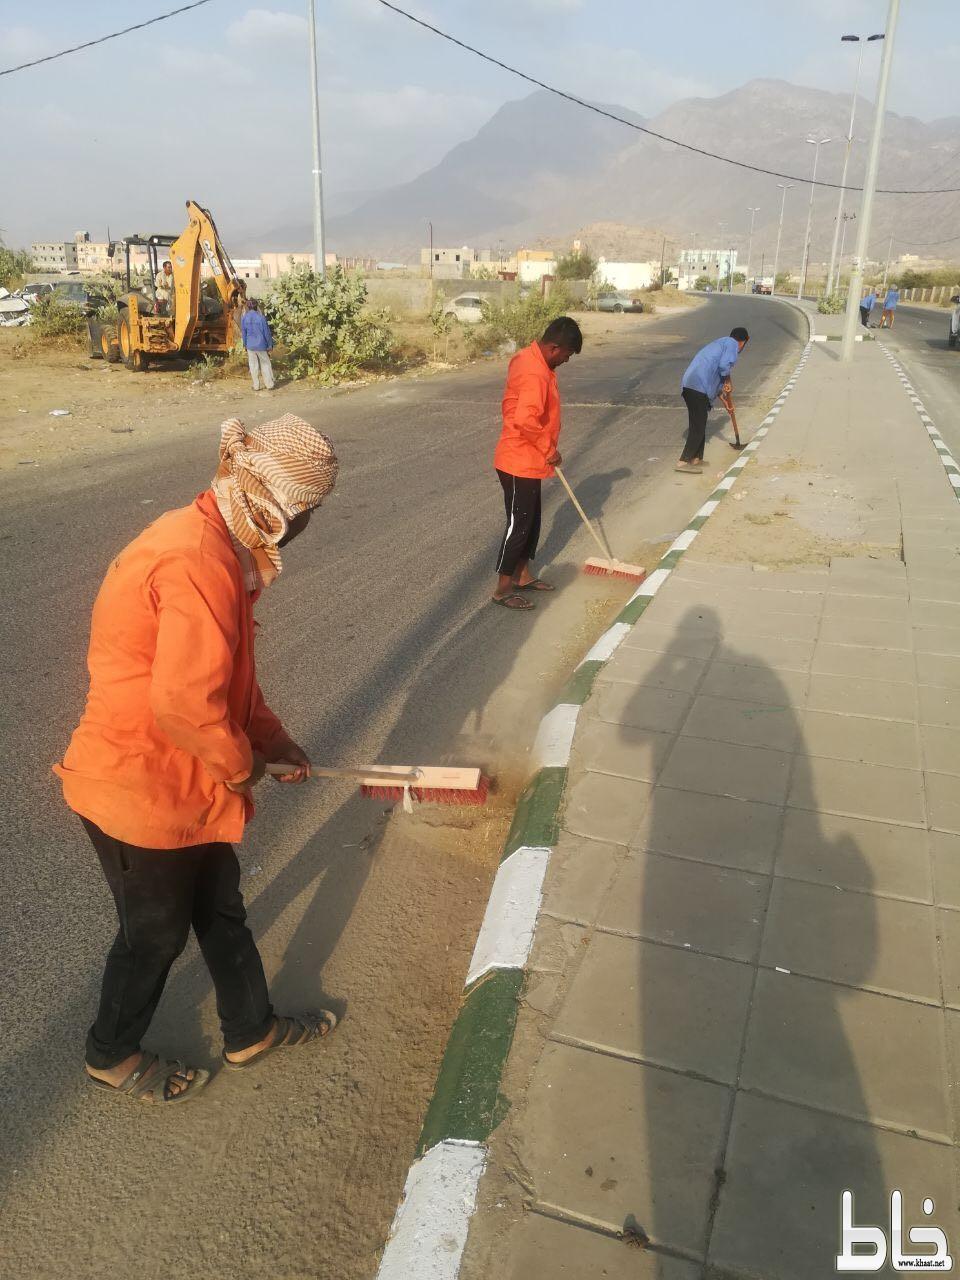 بلدية بارق تقوم بتركيب أعمدة الإنارة لحديقة ثلوث المنظر وتحد من التشوه البصري للشارع الرئيسي